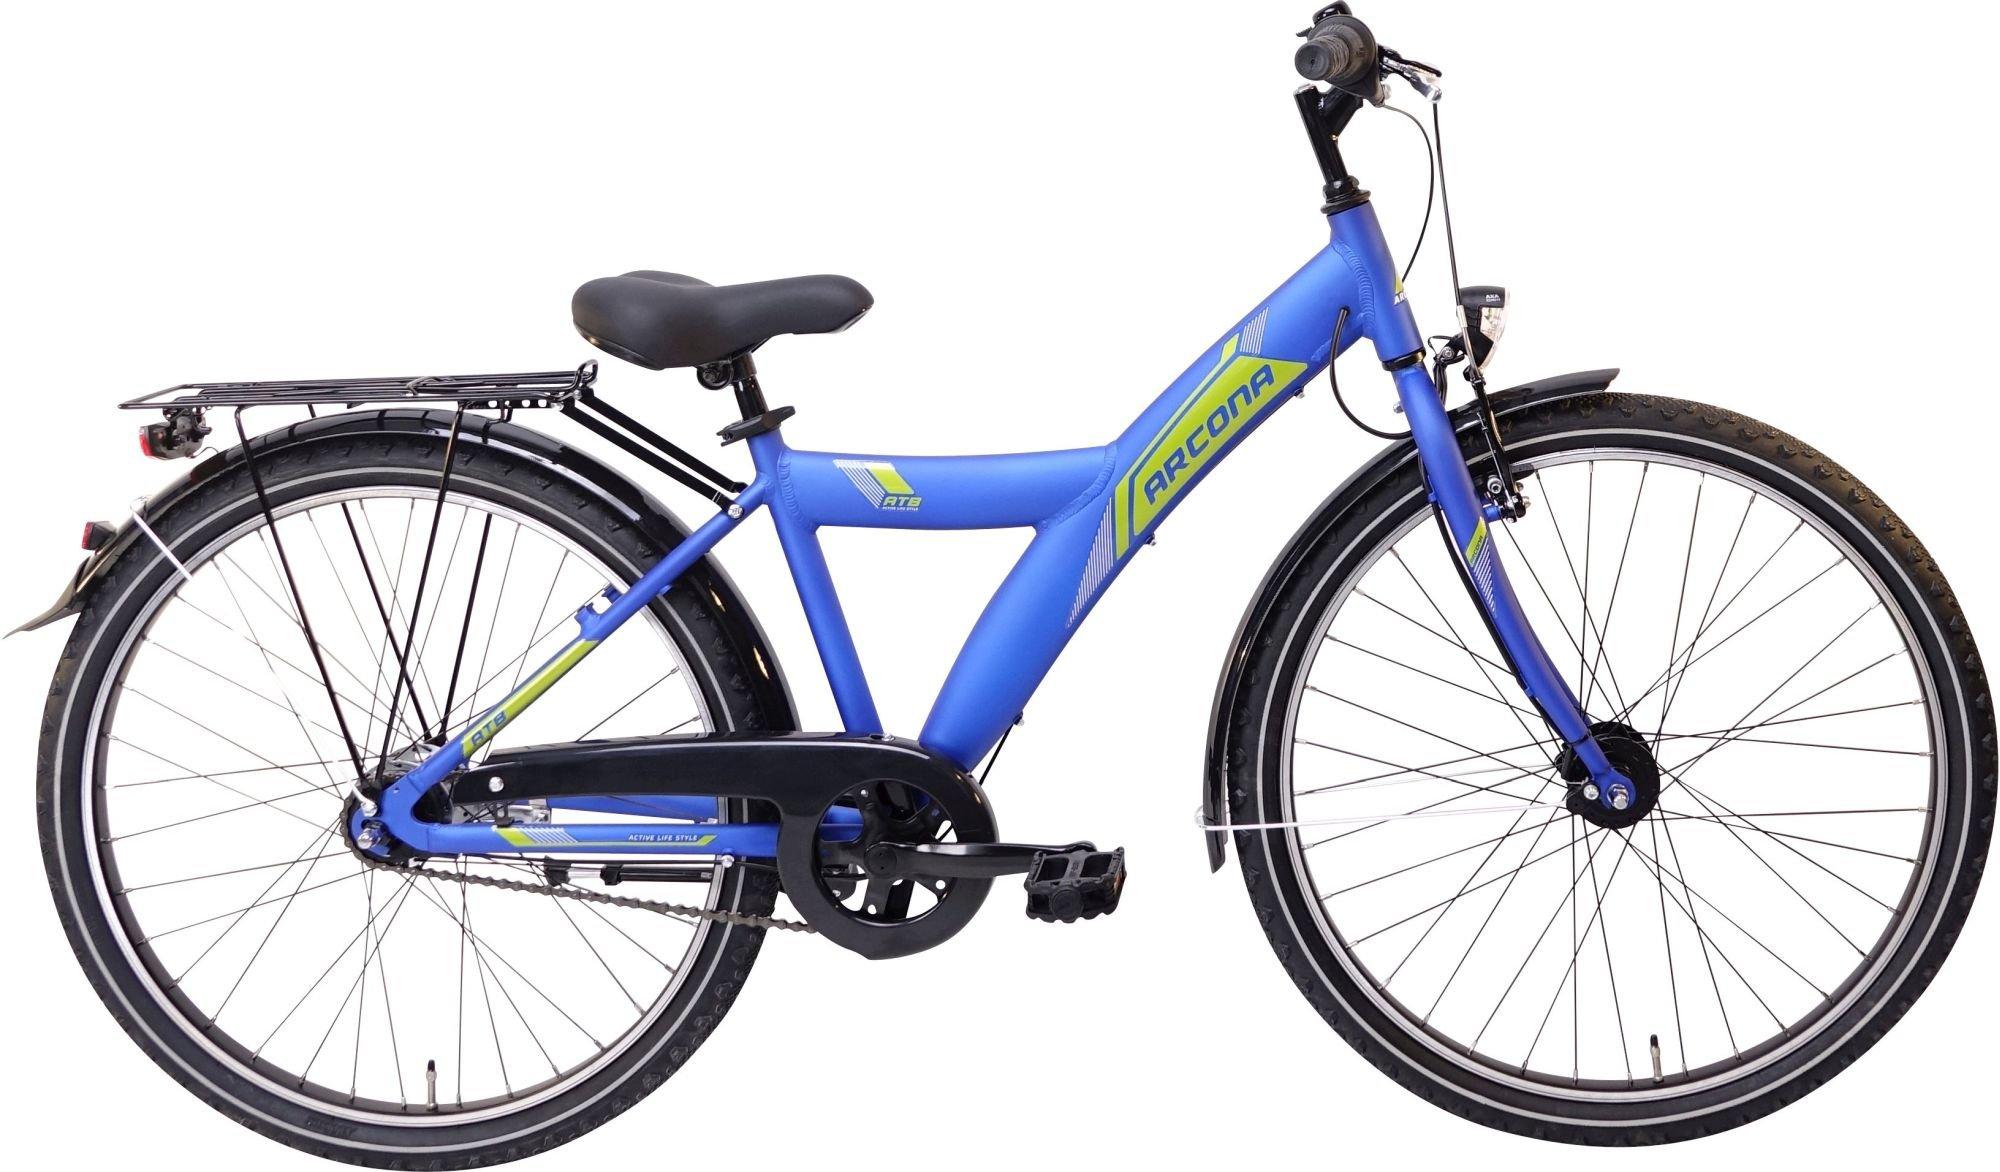 street-Fahrräder/Kinder und Jugendräder: ARCONA   ALU ND 7 Gang Nabenschaltung Herrenfahrrad Banana Modell 2020 26 Zoll 38 cm Active- MATT